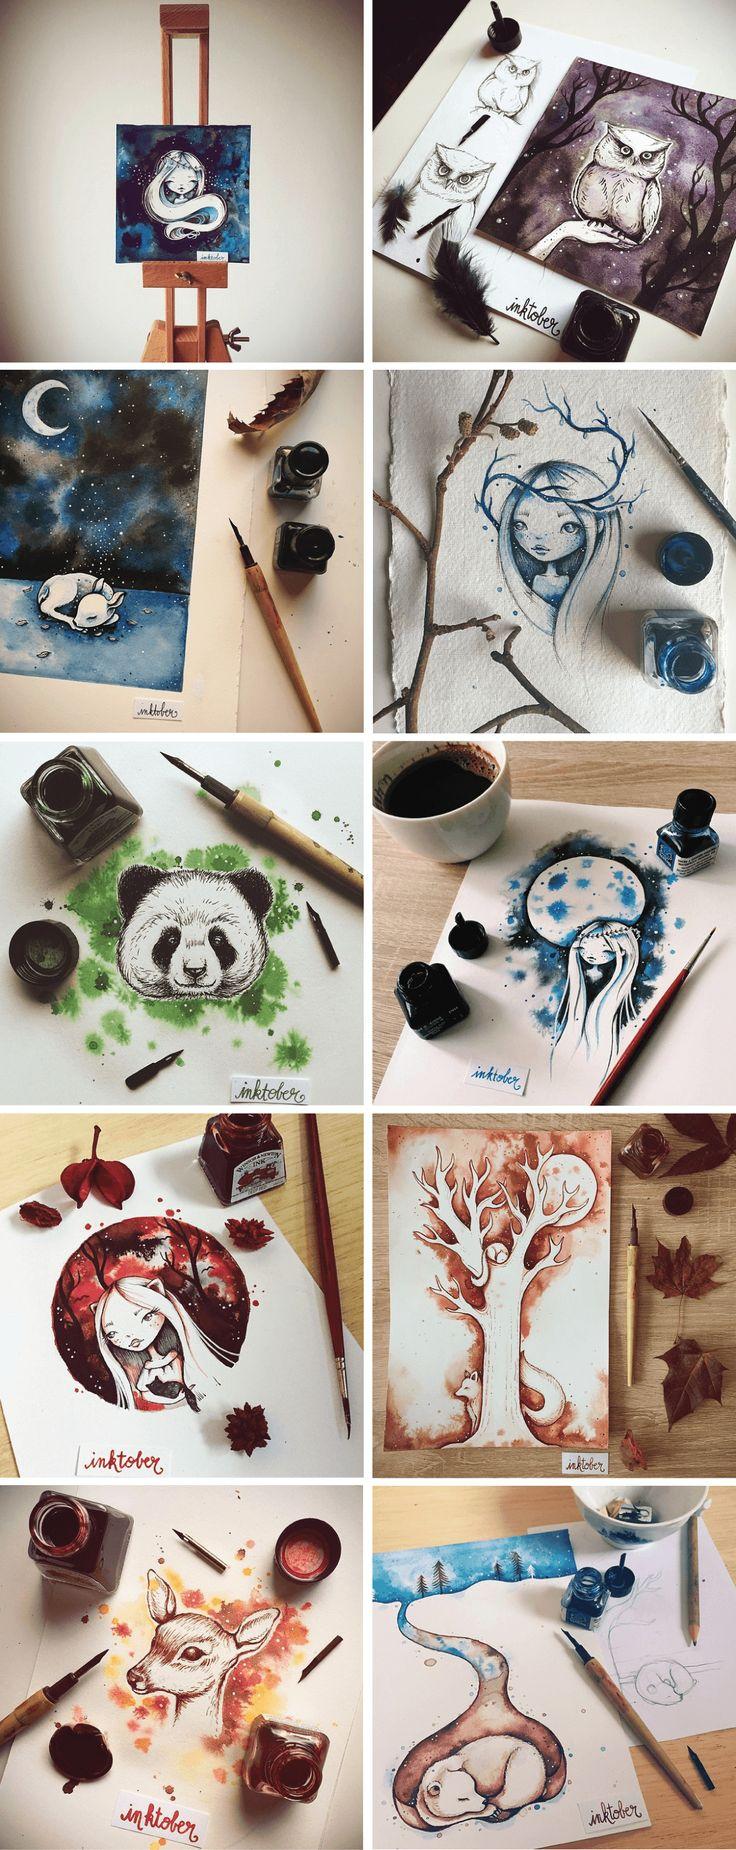 encantadoras-ilustraciones-hechas-con-tinta-y-acuarela-11